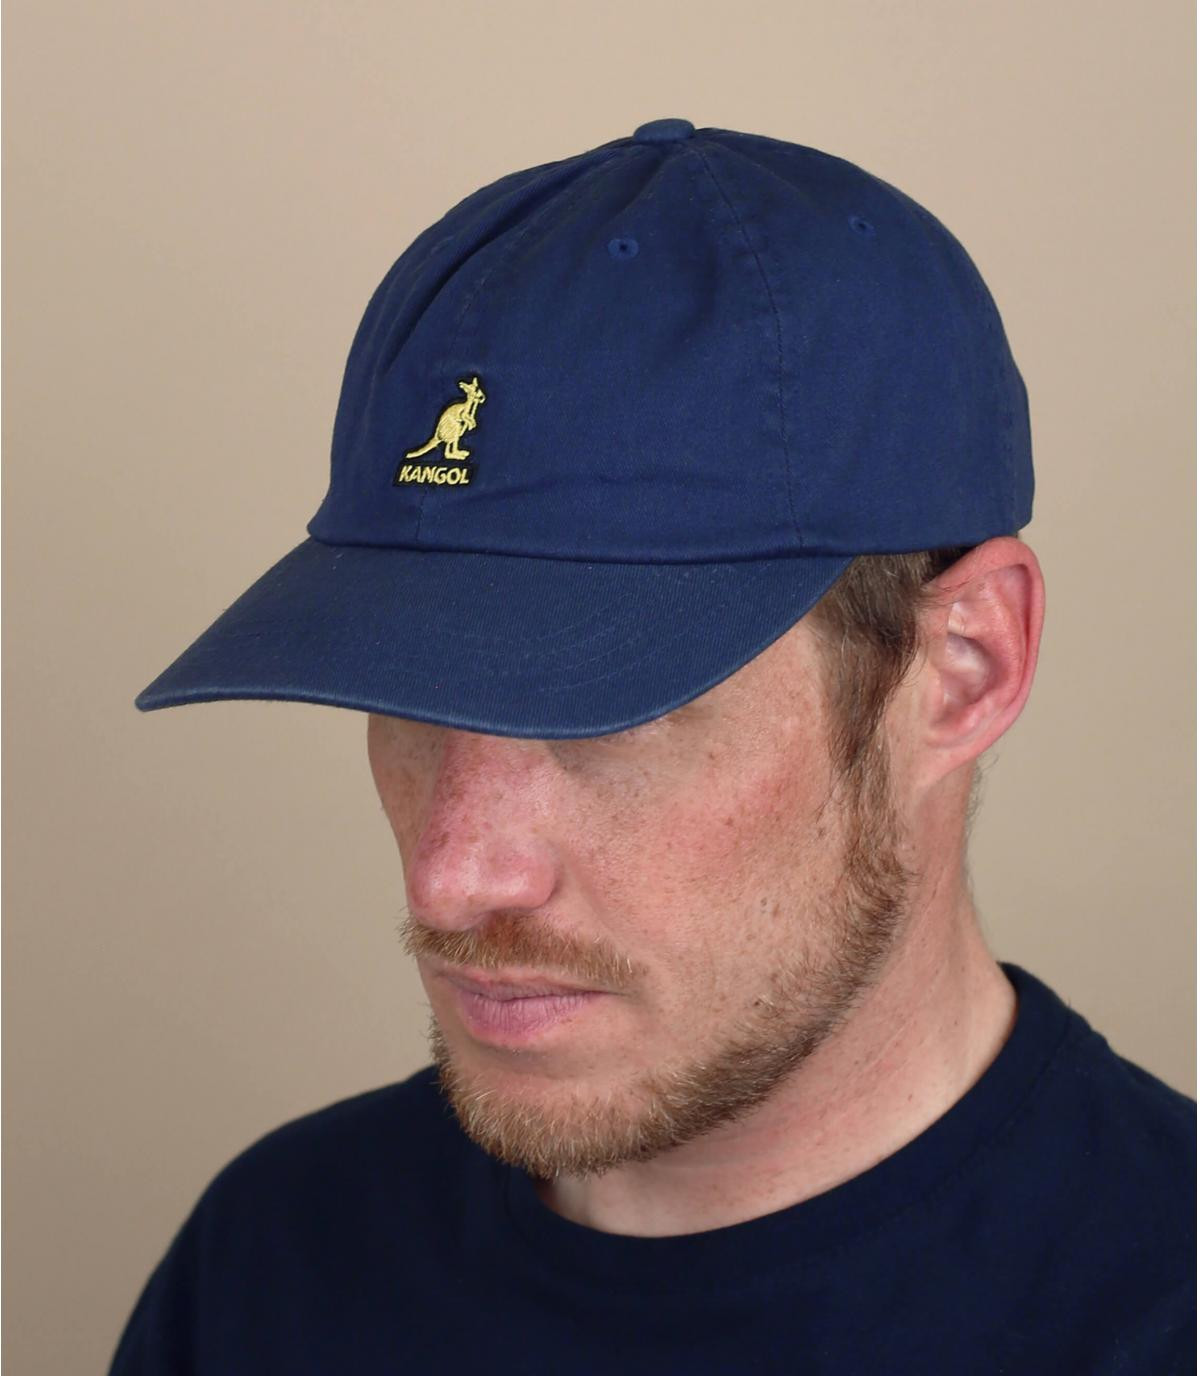 navy blue Kangol cap